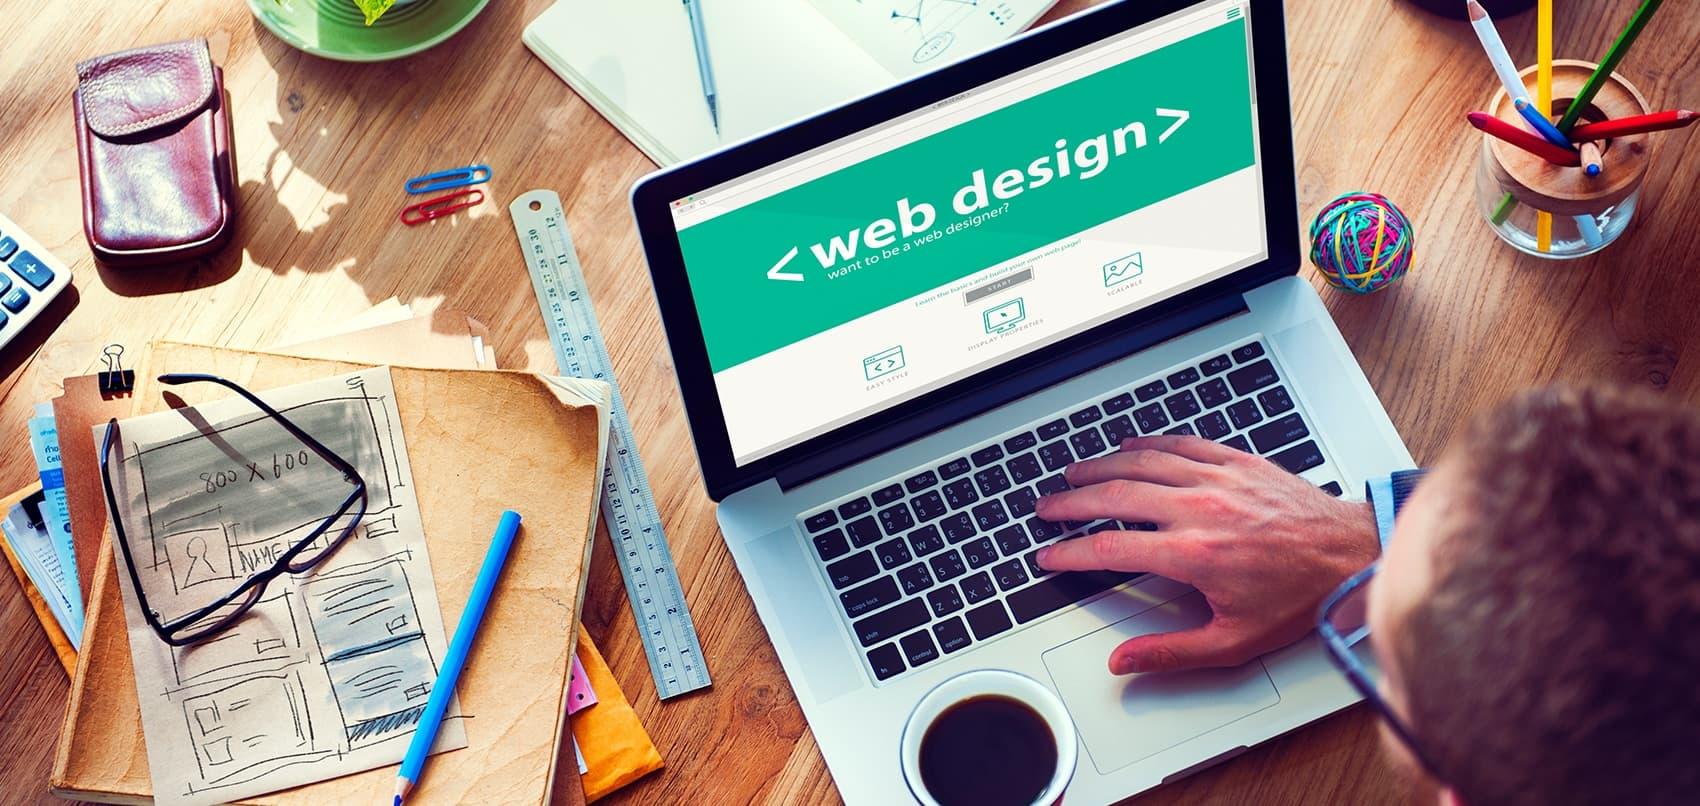 Web Design Planning Mockup